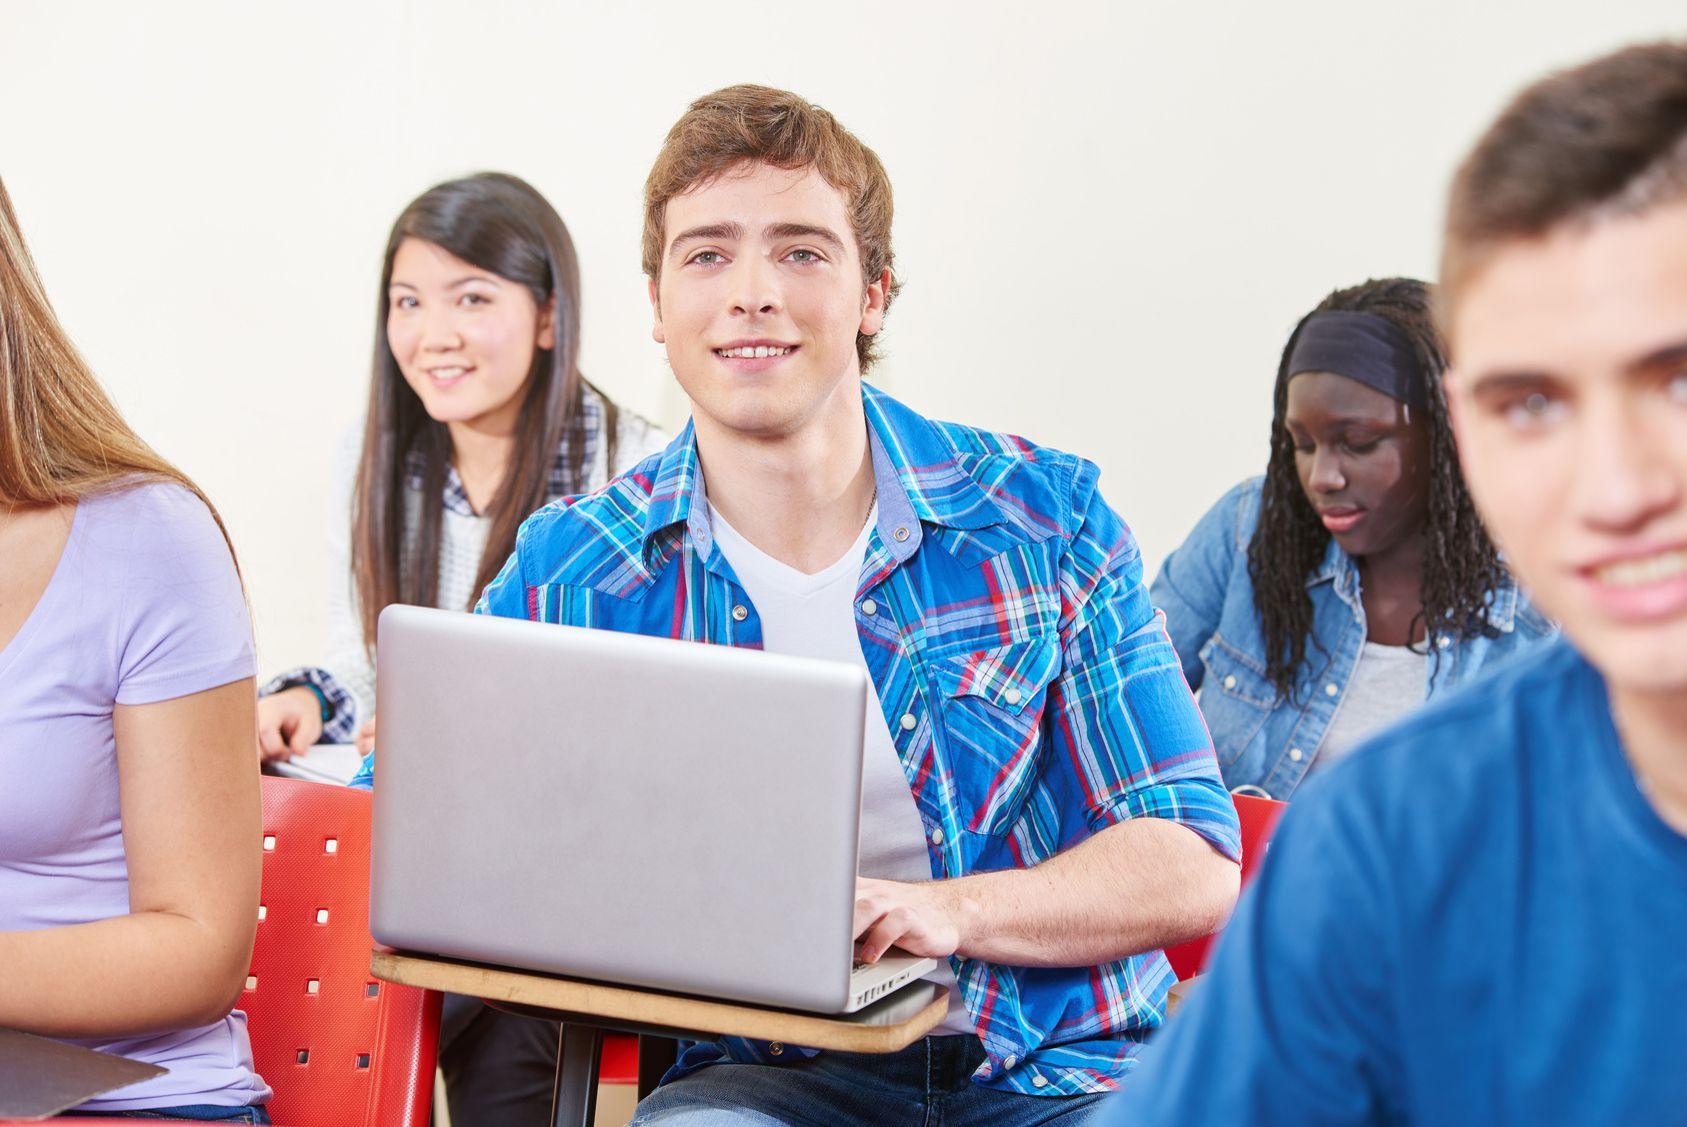 École privée SML : Un choix d'étude dans le commerce ?